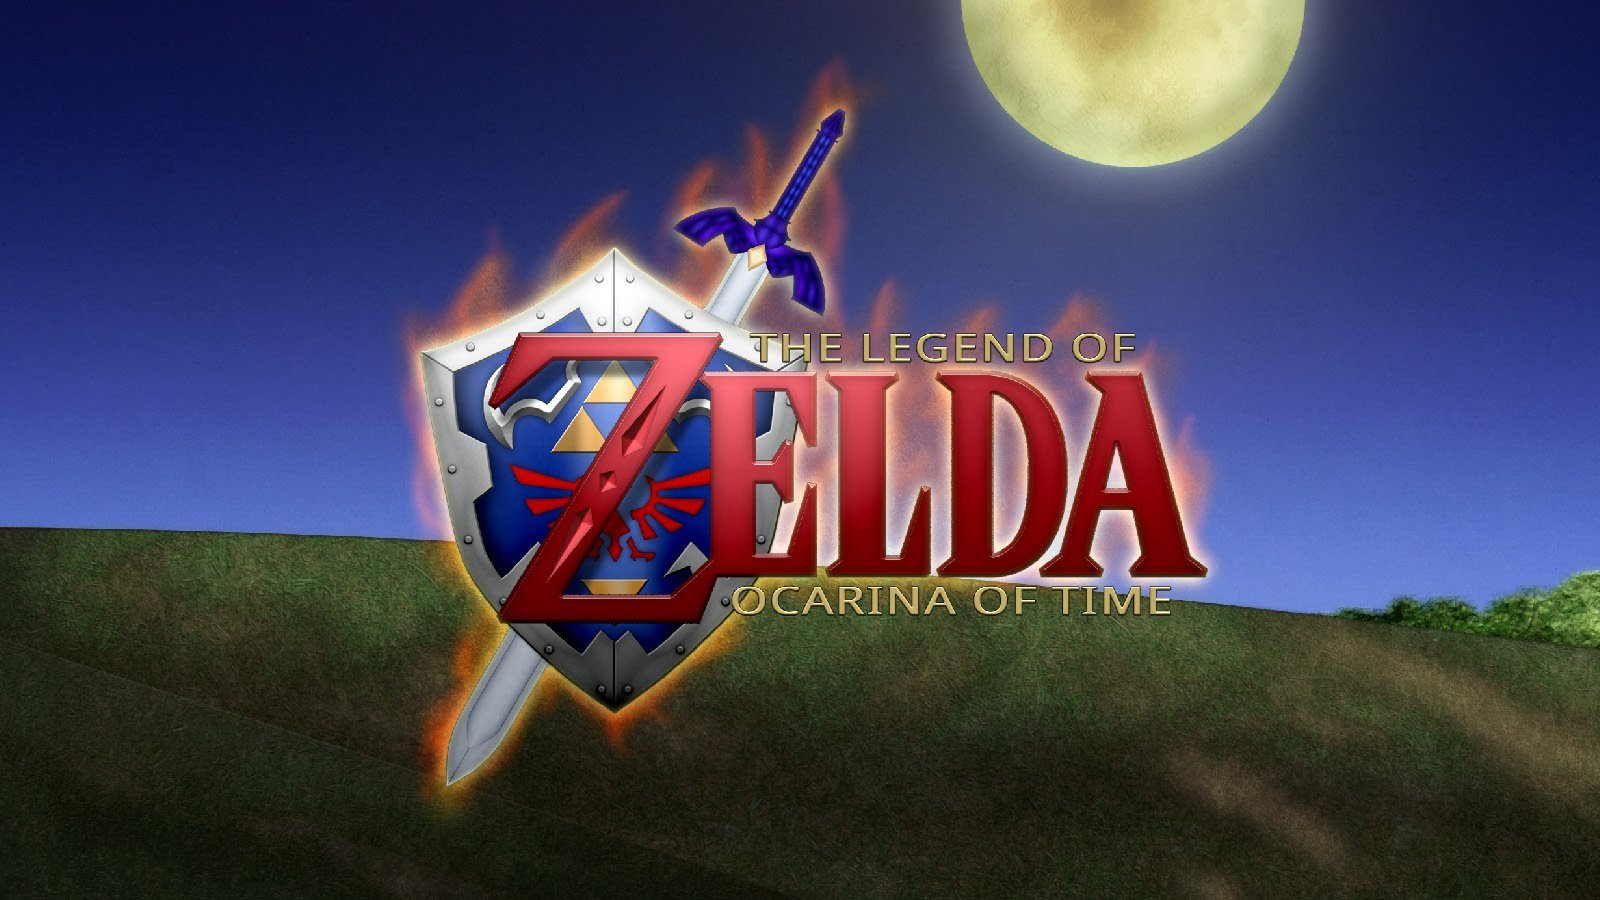 Legend of Zelda 822021 2